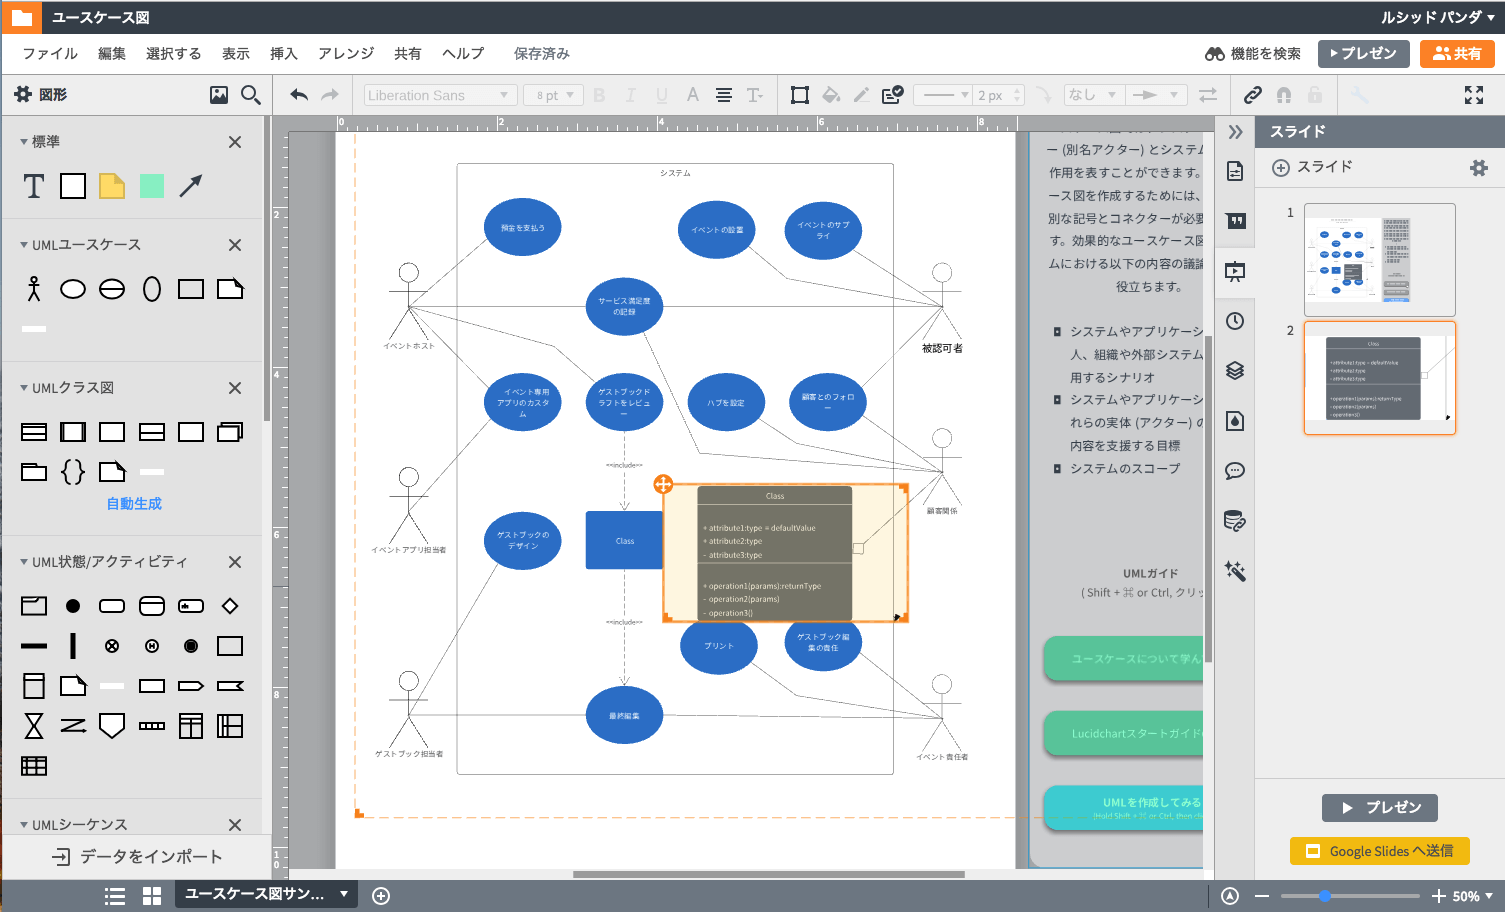 UML作成ツールの特徴と選ぶ理由